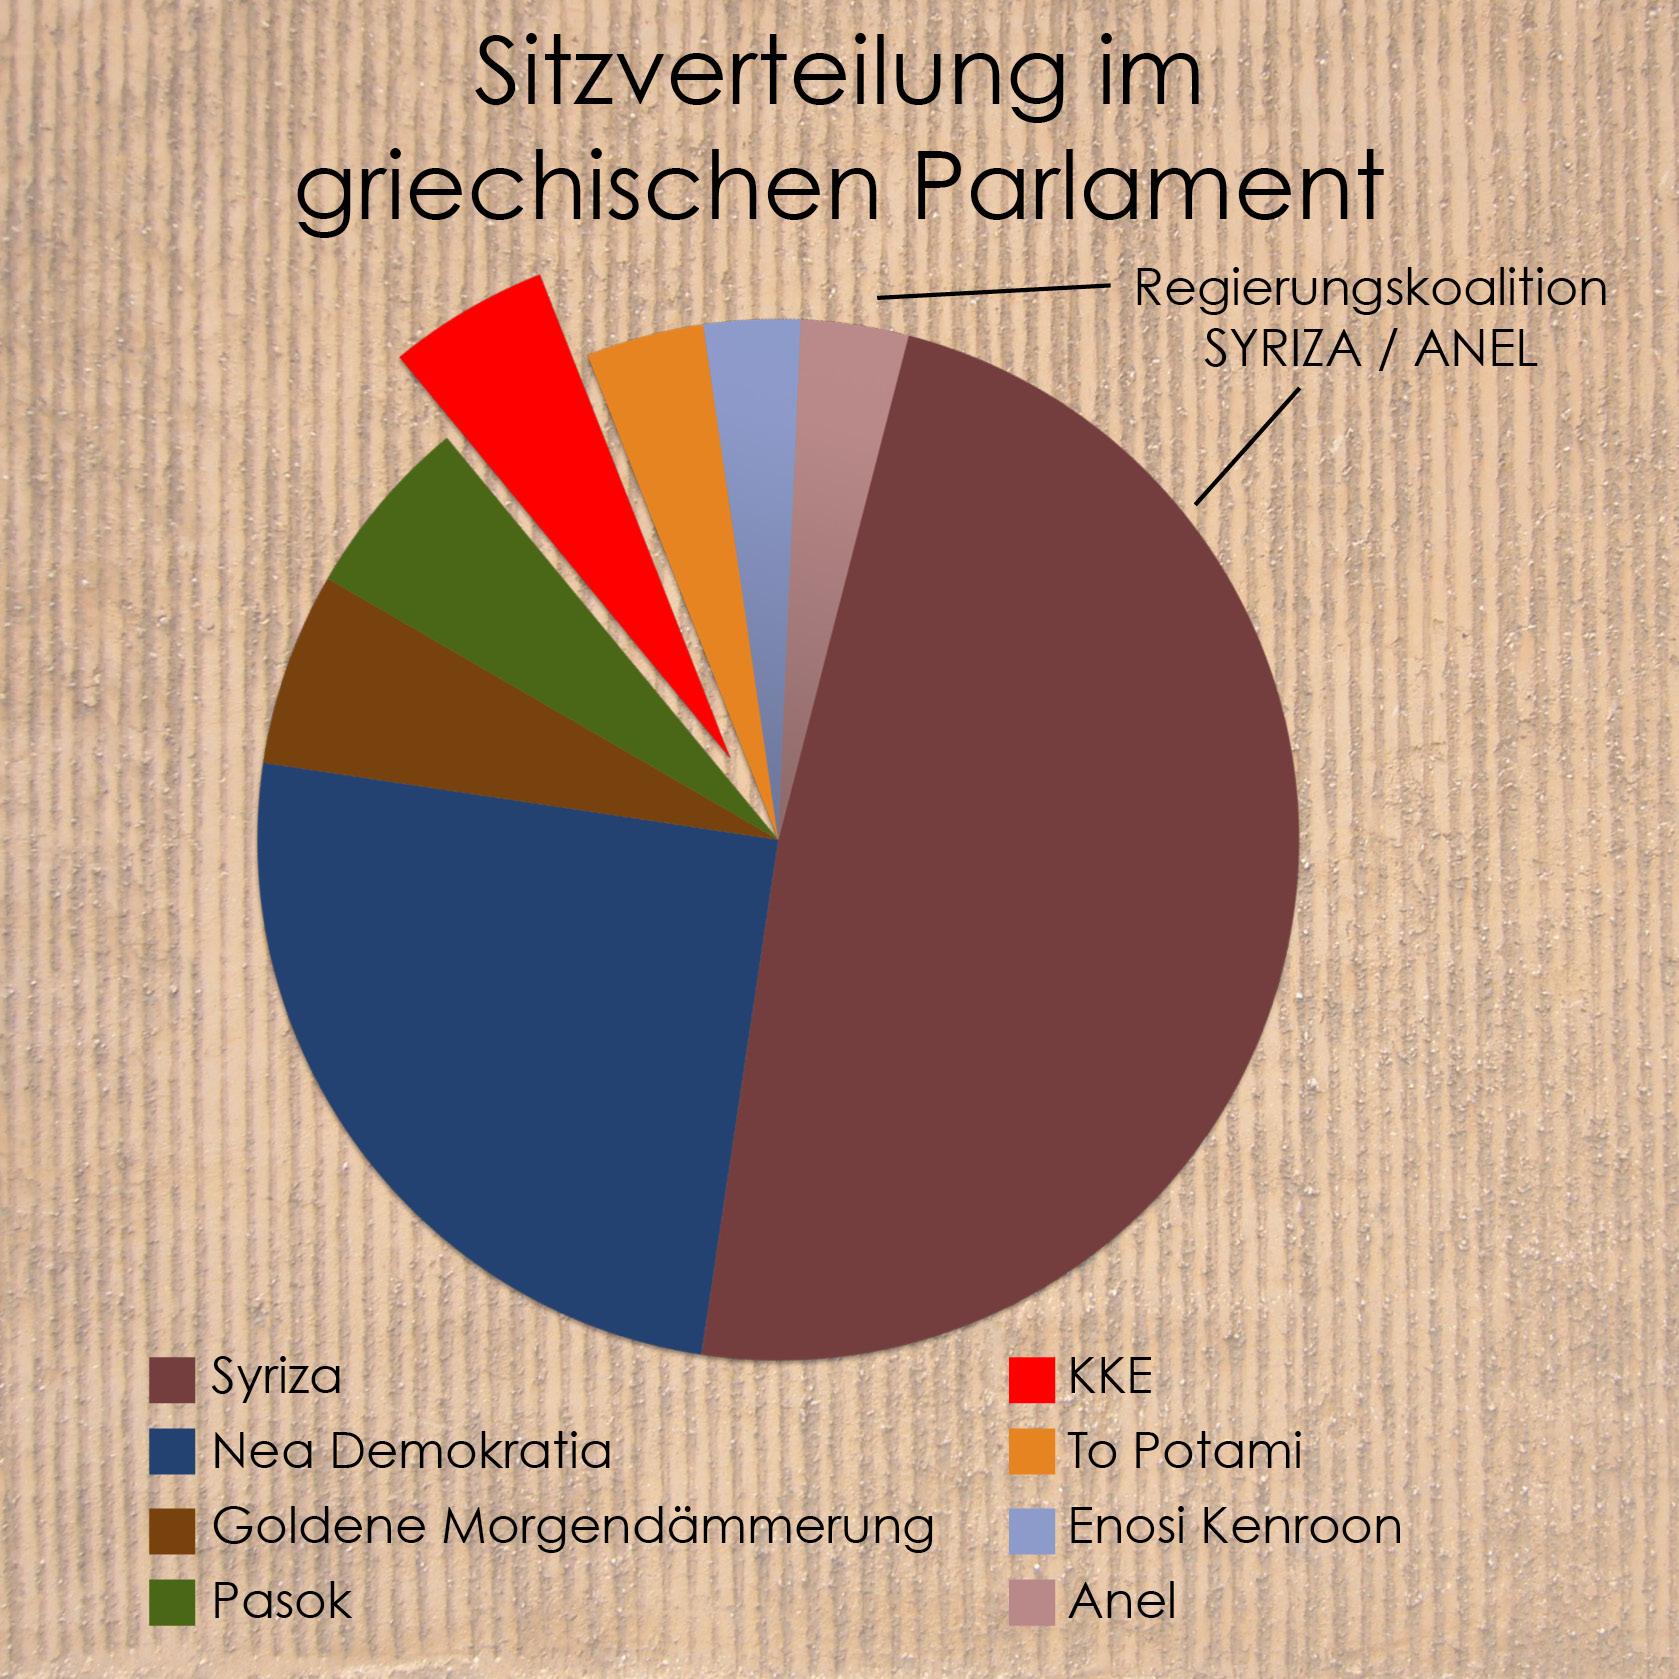 Sitzverteilung im griechischen Parlament. Grafik: SDAJ goes Hellas